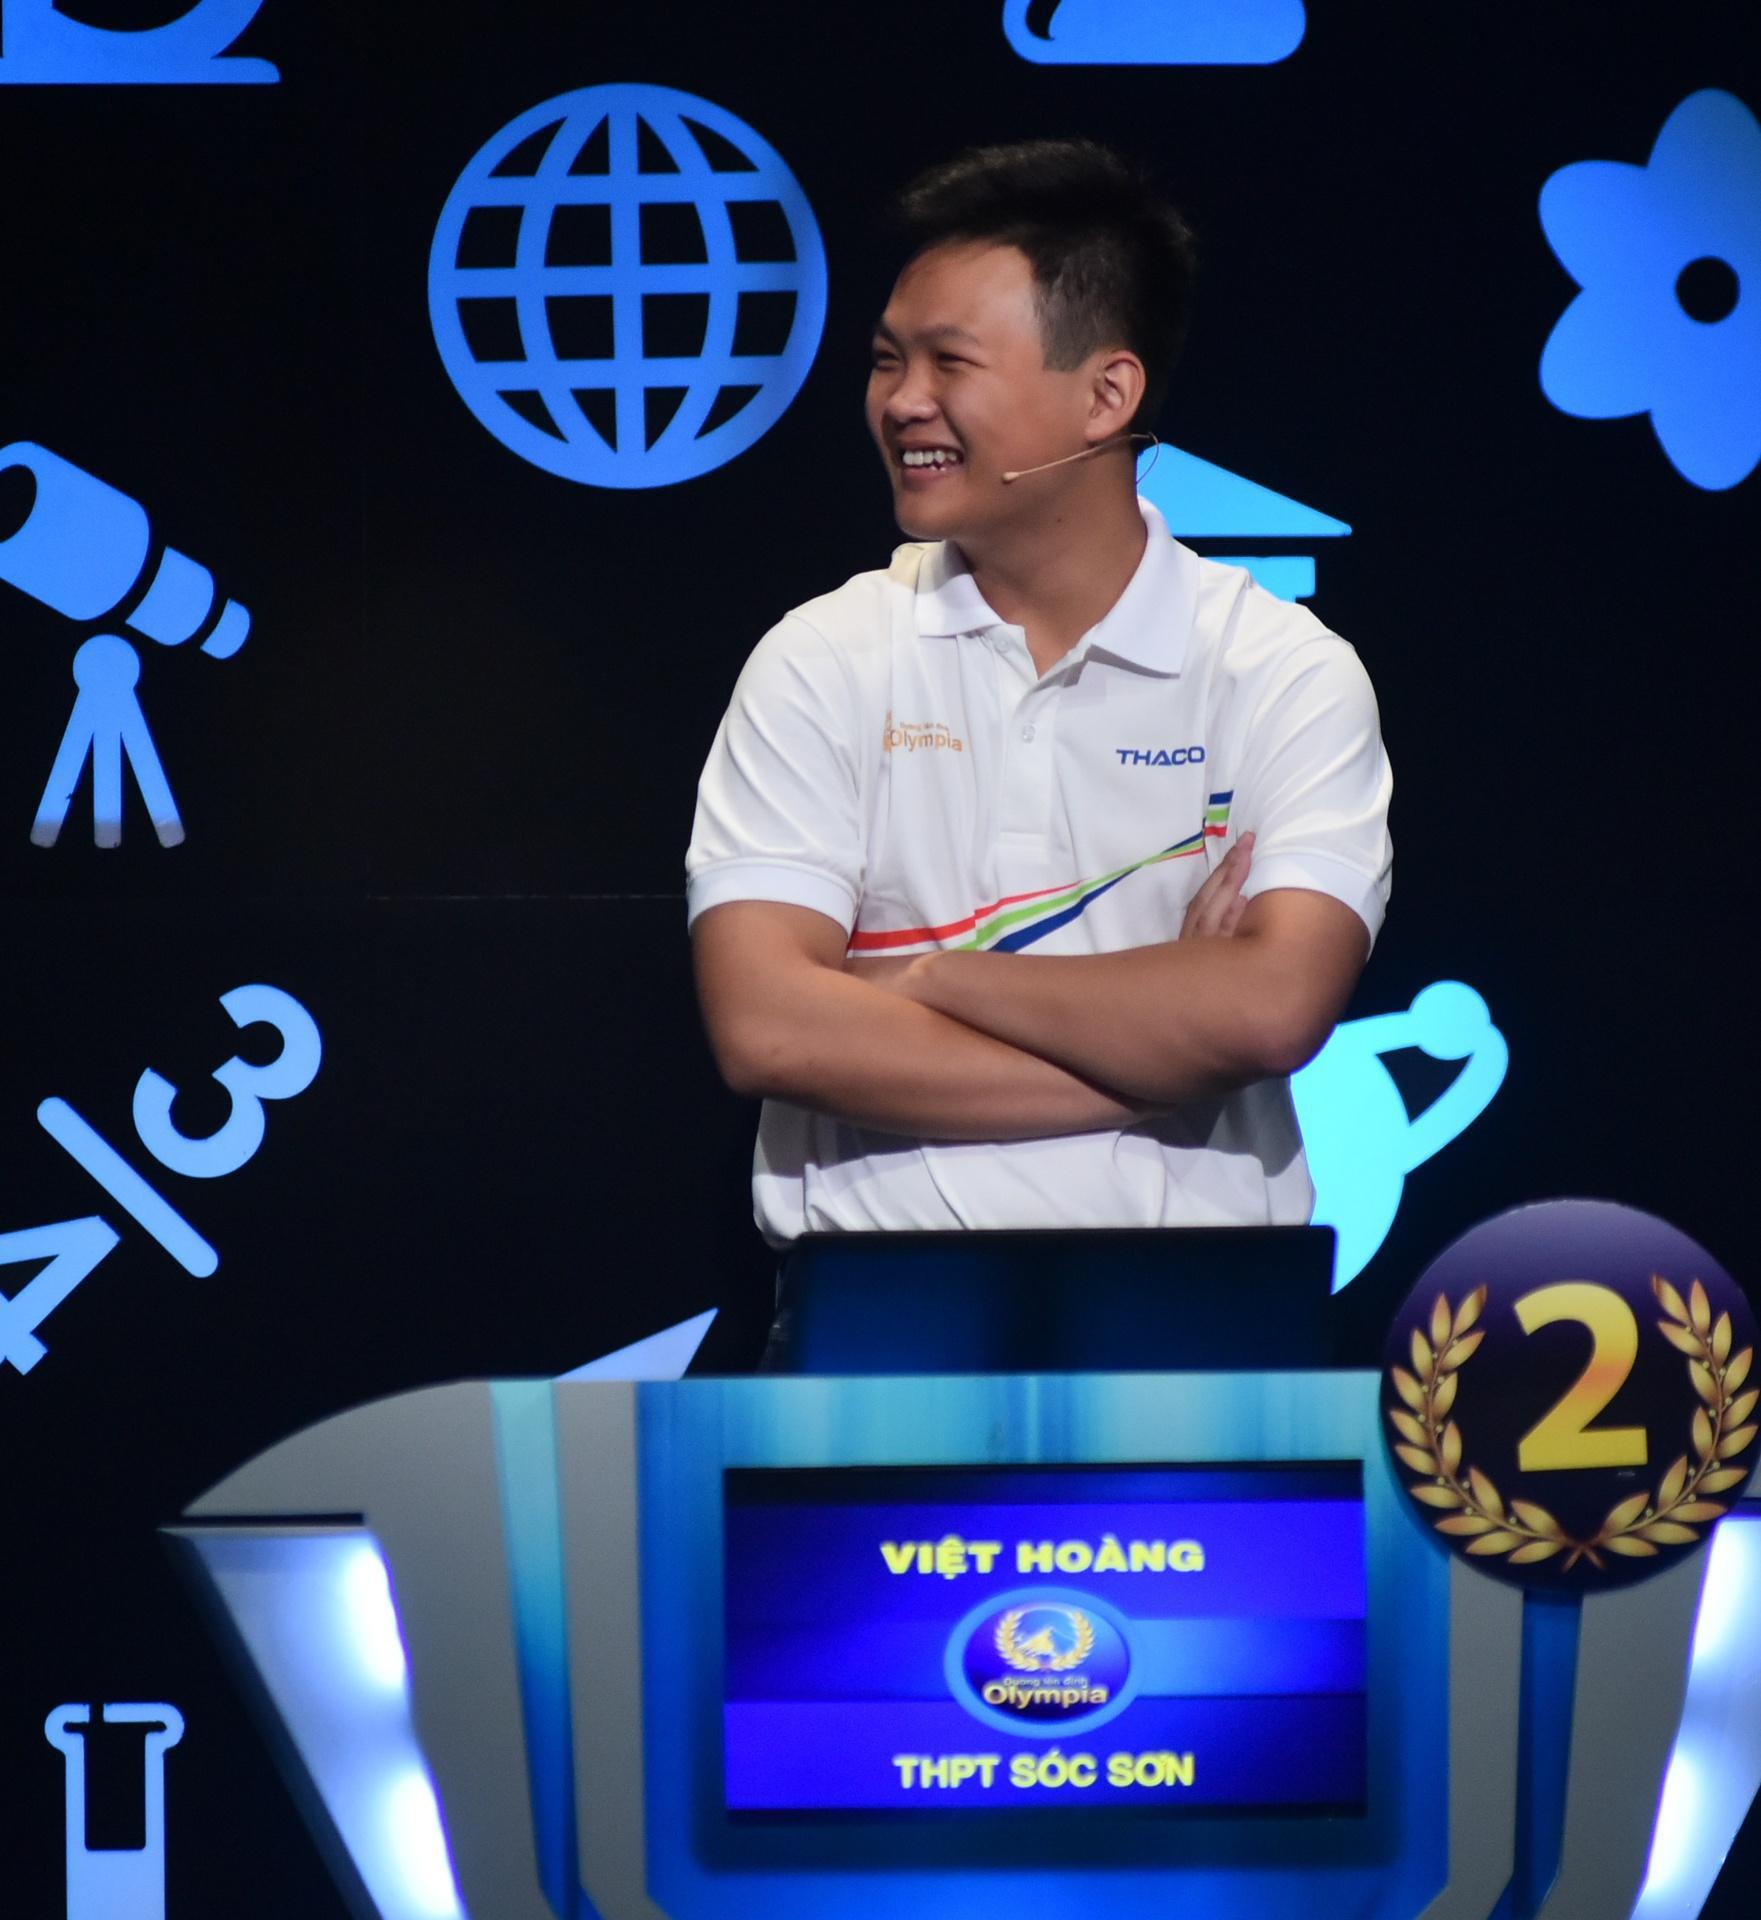 Các cựu thí sinh Olympia gây ấn tượng ở Siêu trí tuệ Việt Nam Ảnh 6